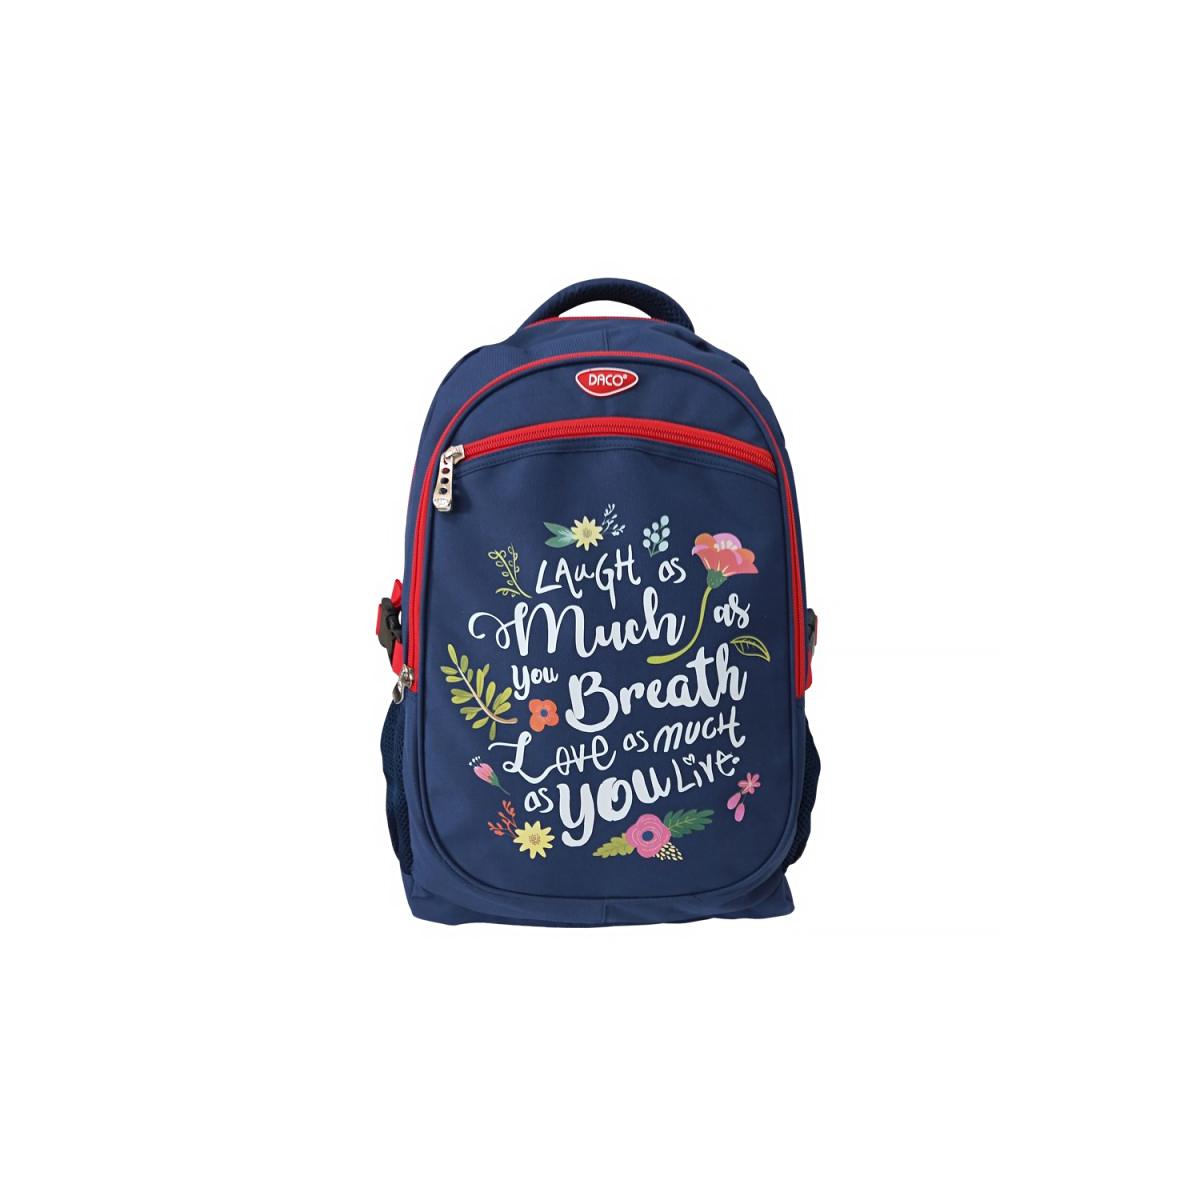 Ghiozdan Pentru Școlari, 48 Centimetri, Albastru & Roșu, Flori, Daco, GH431